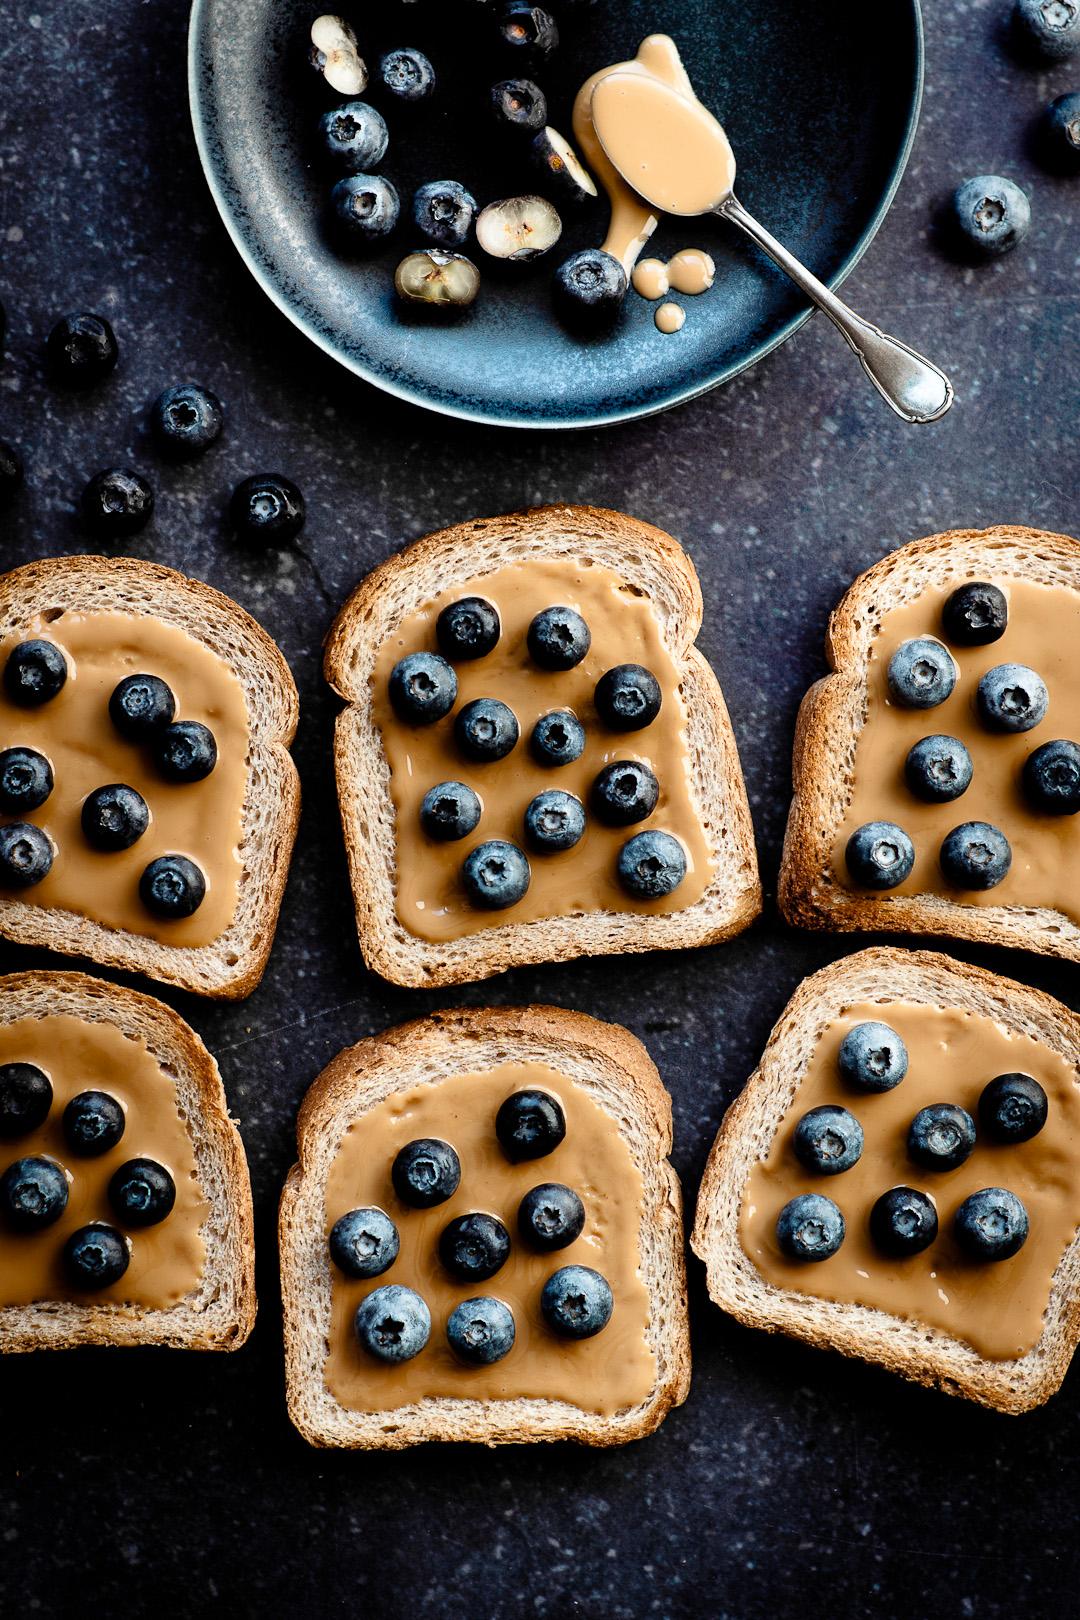 breakfast cut in slices